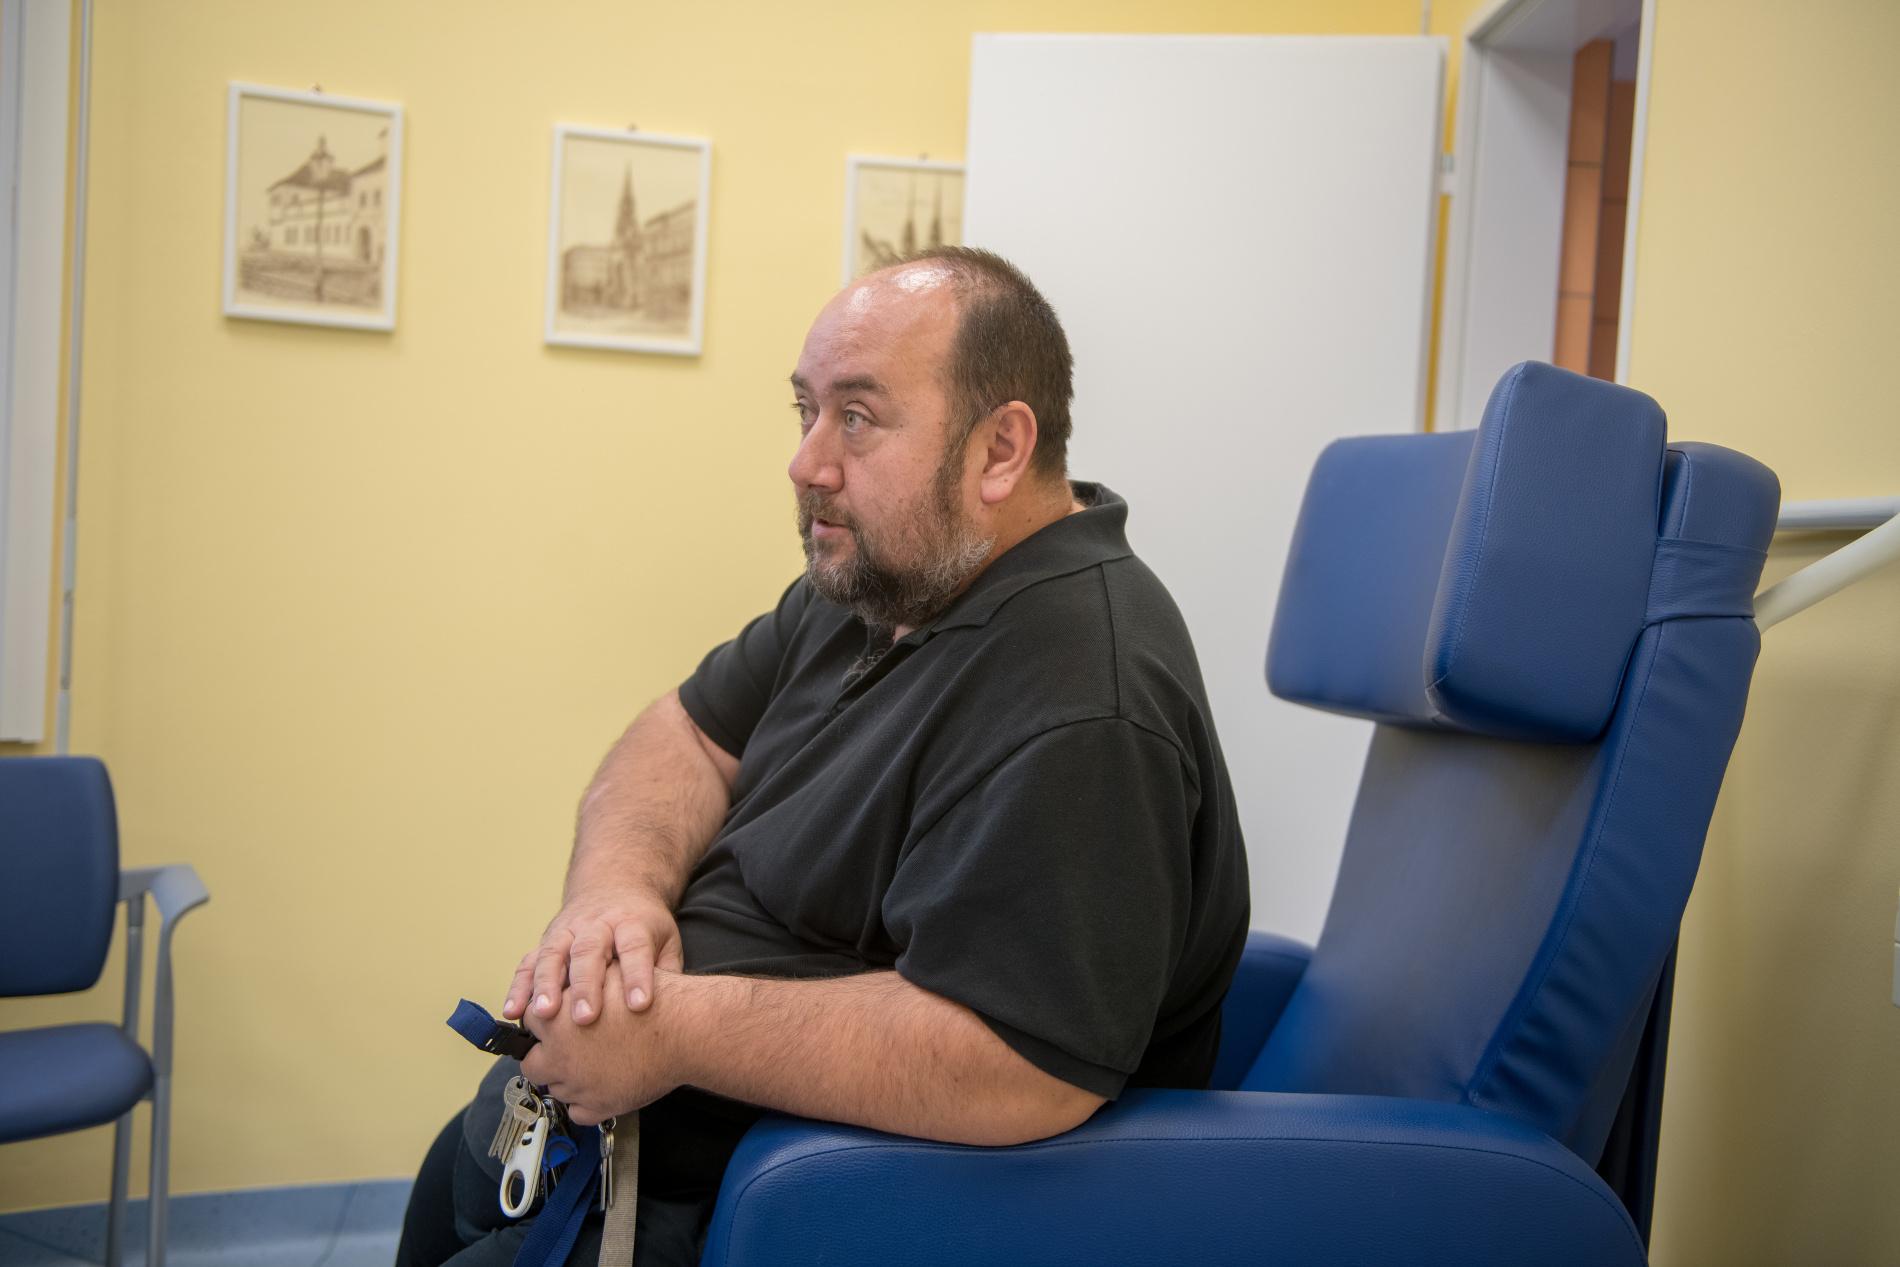 Pan doktor Hřib ve vaporizační místnosti.